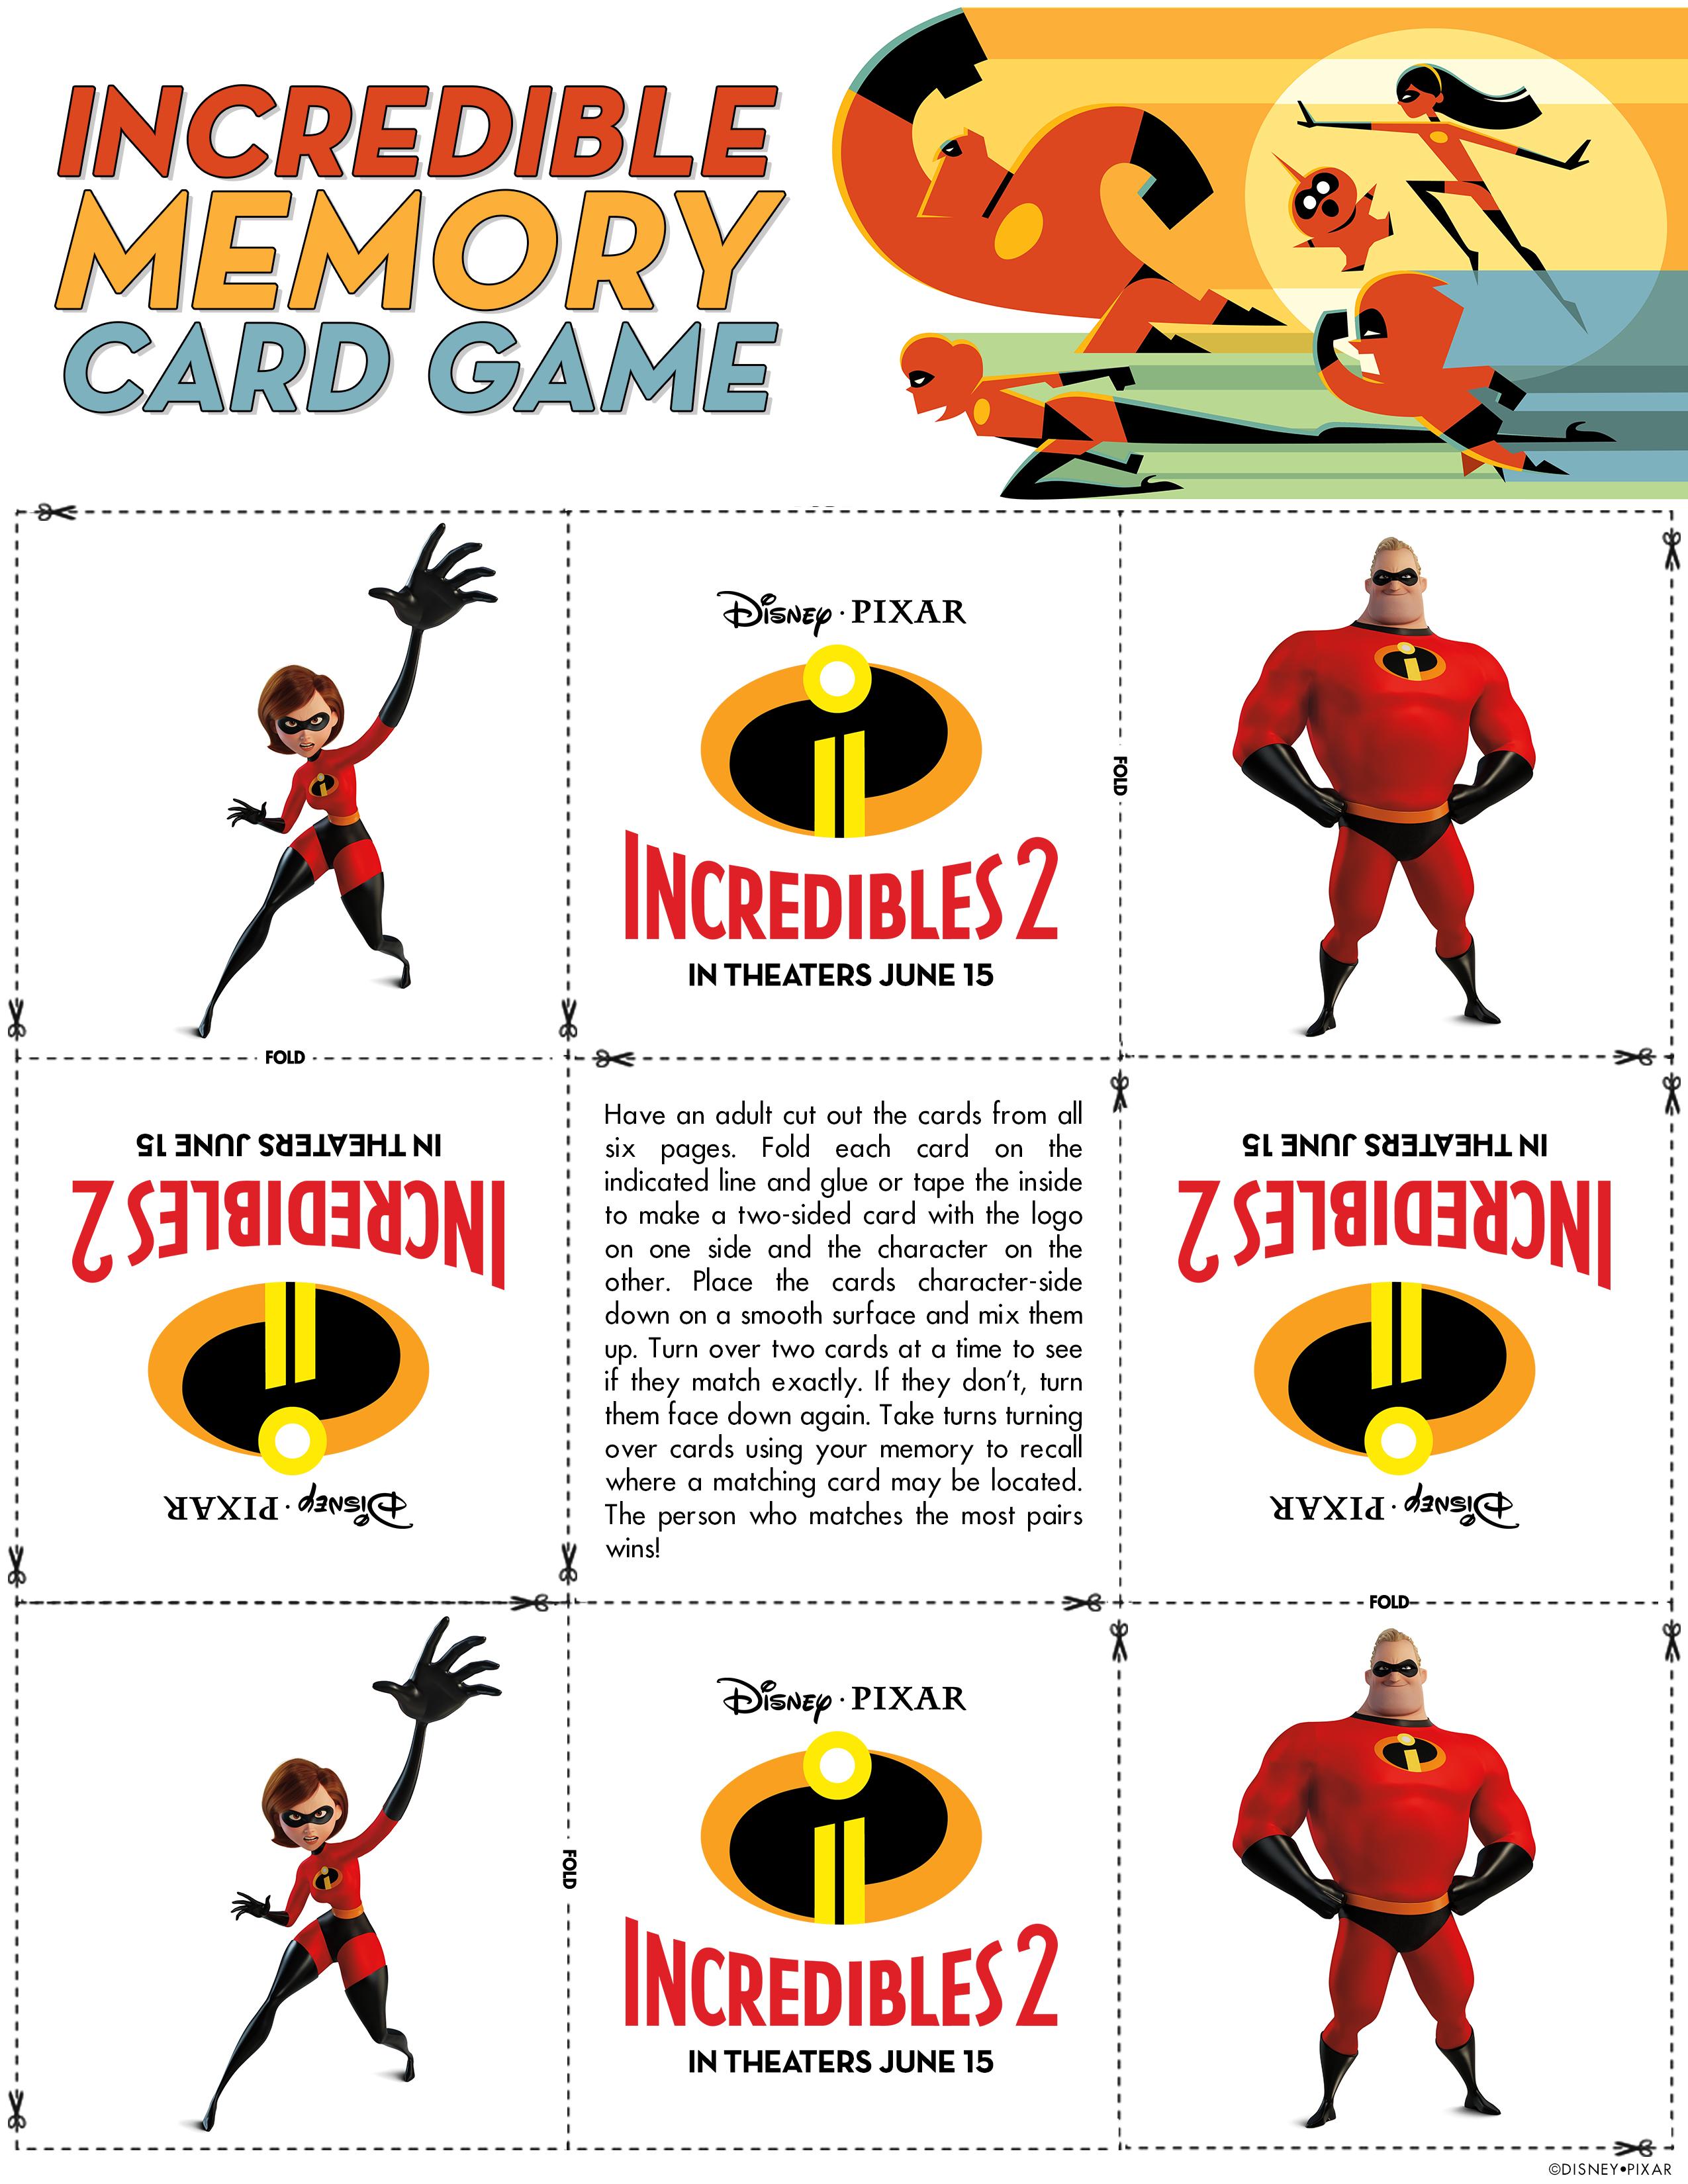 Incredible Memory Card Game